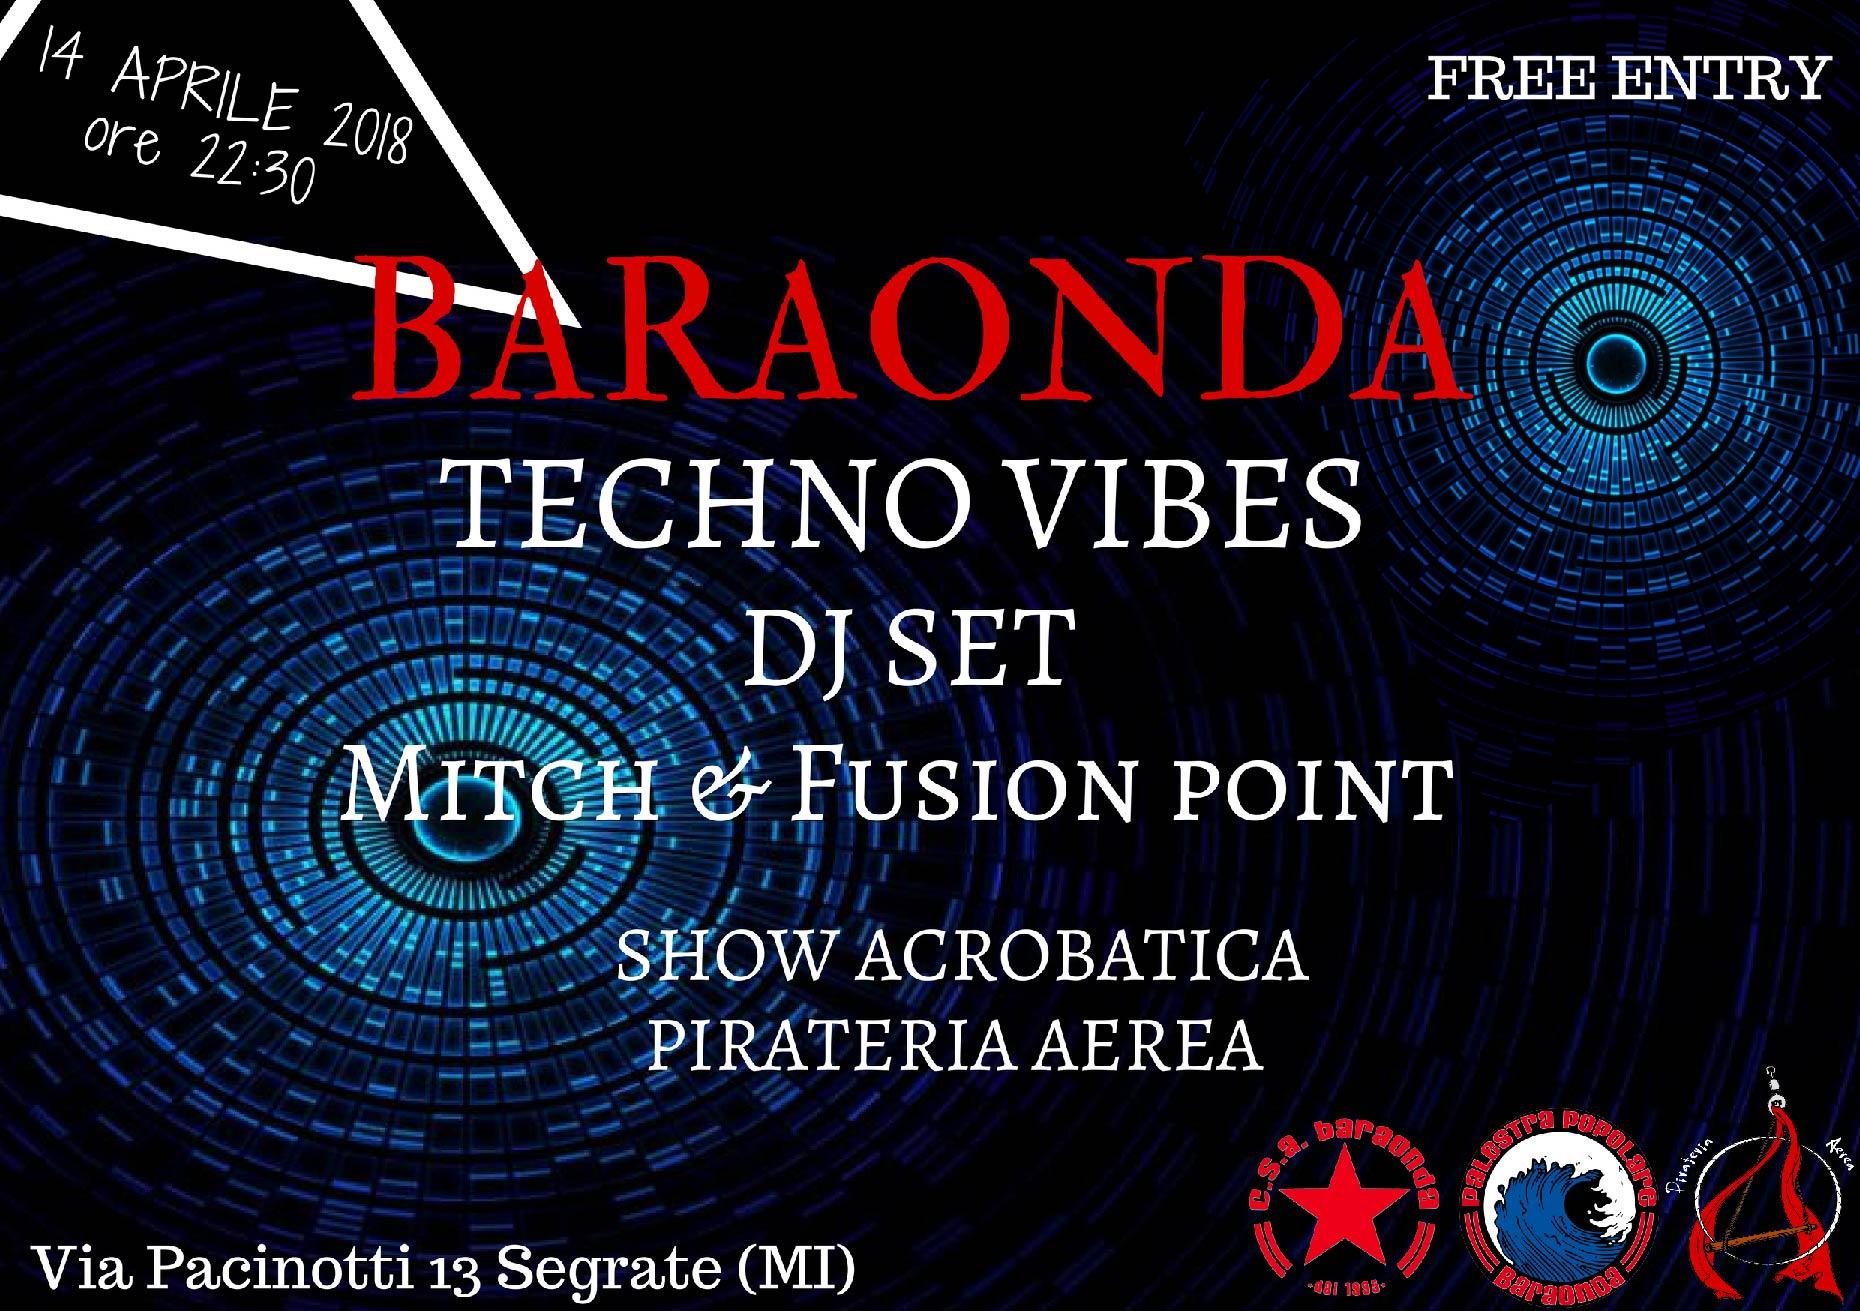 Baraonda Techno Vibes